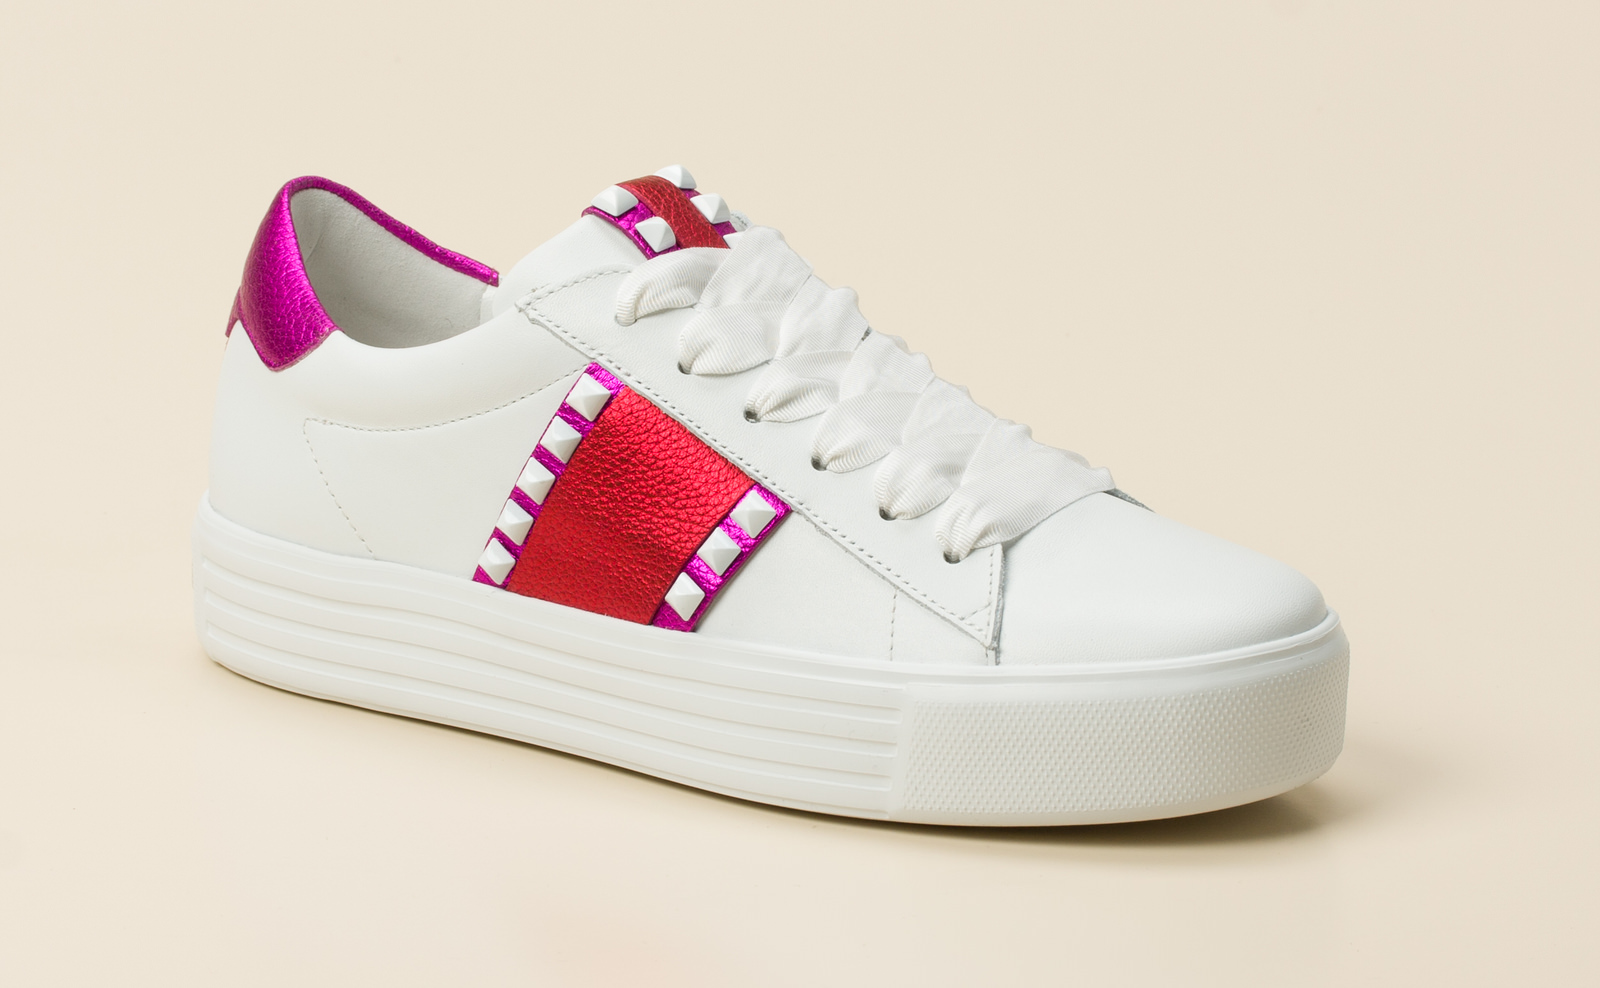 df06d3c5768a Kennel   Schmenger Damen Sneaker in weiß kaufen   Zumnorde Online-Shop